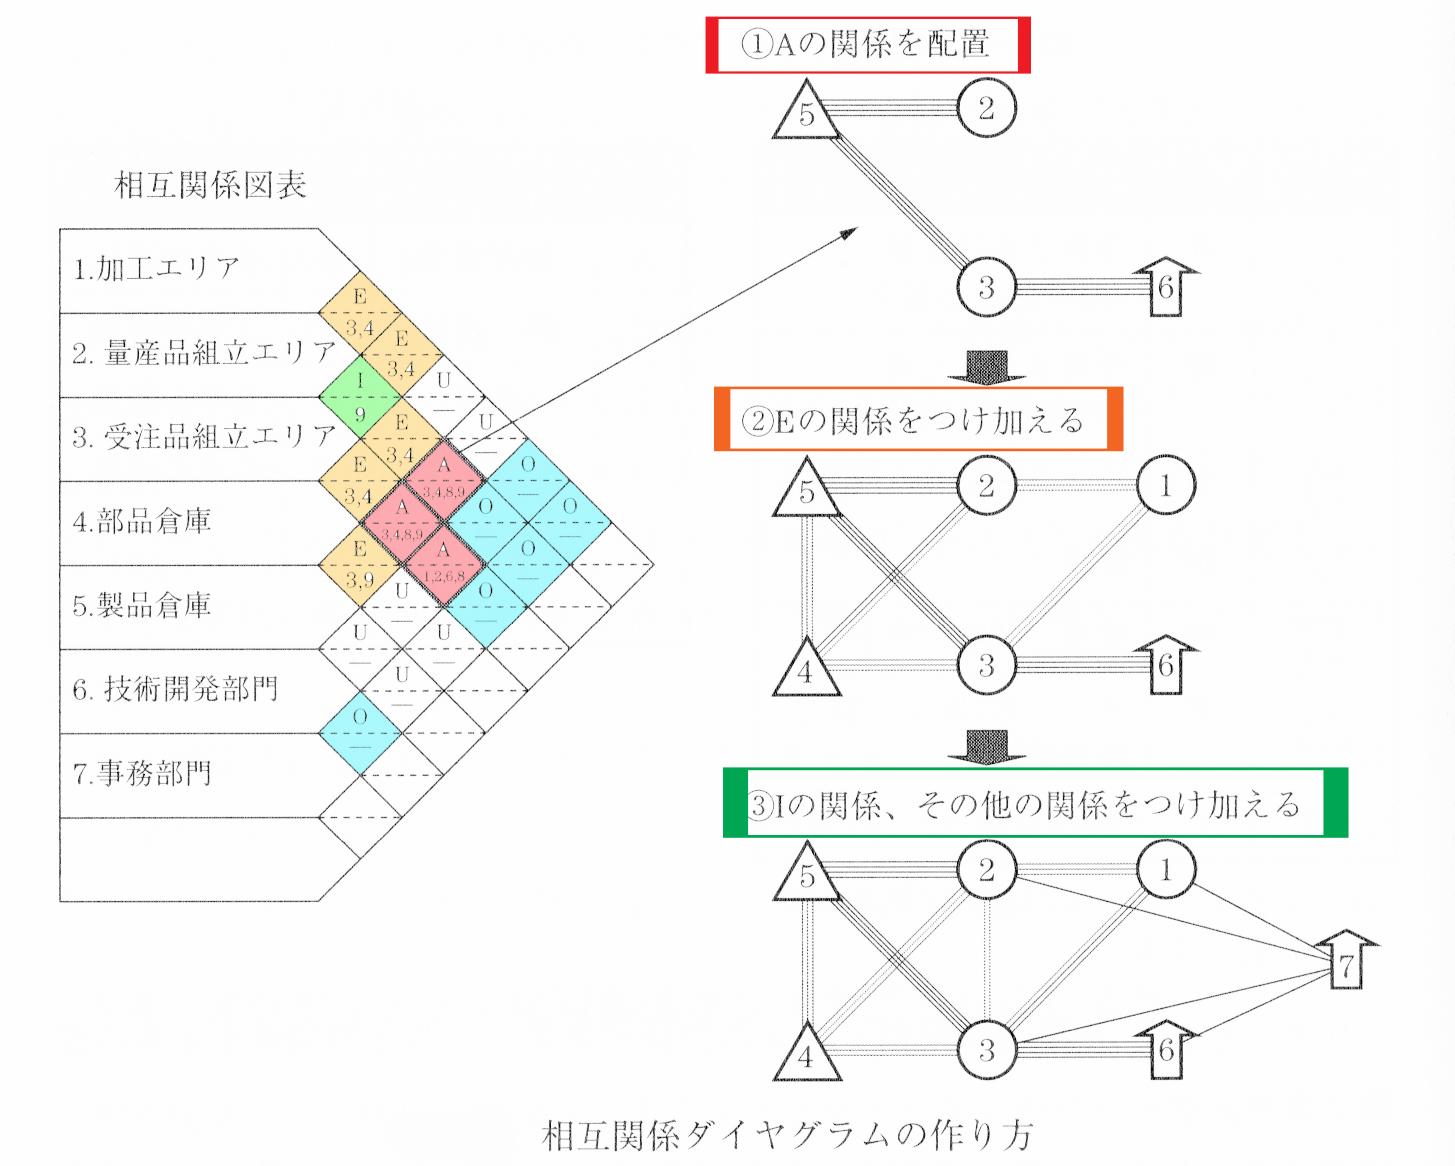 相互関係ダイヤグラムの作成